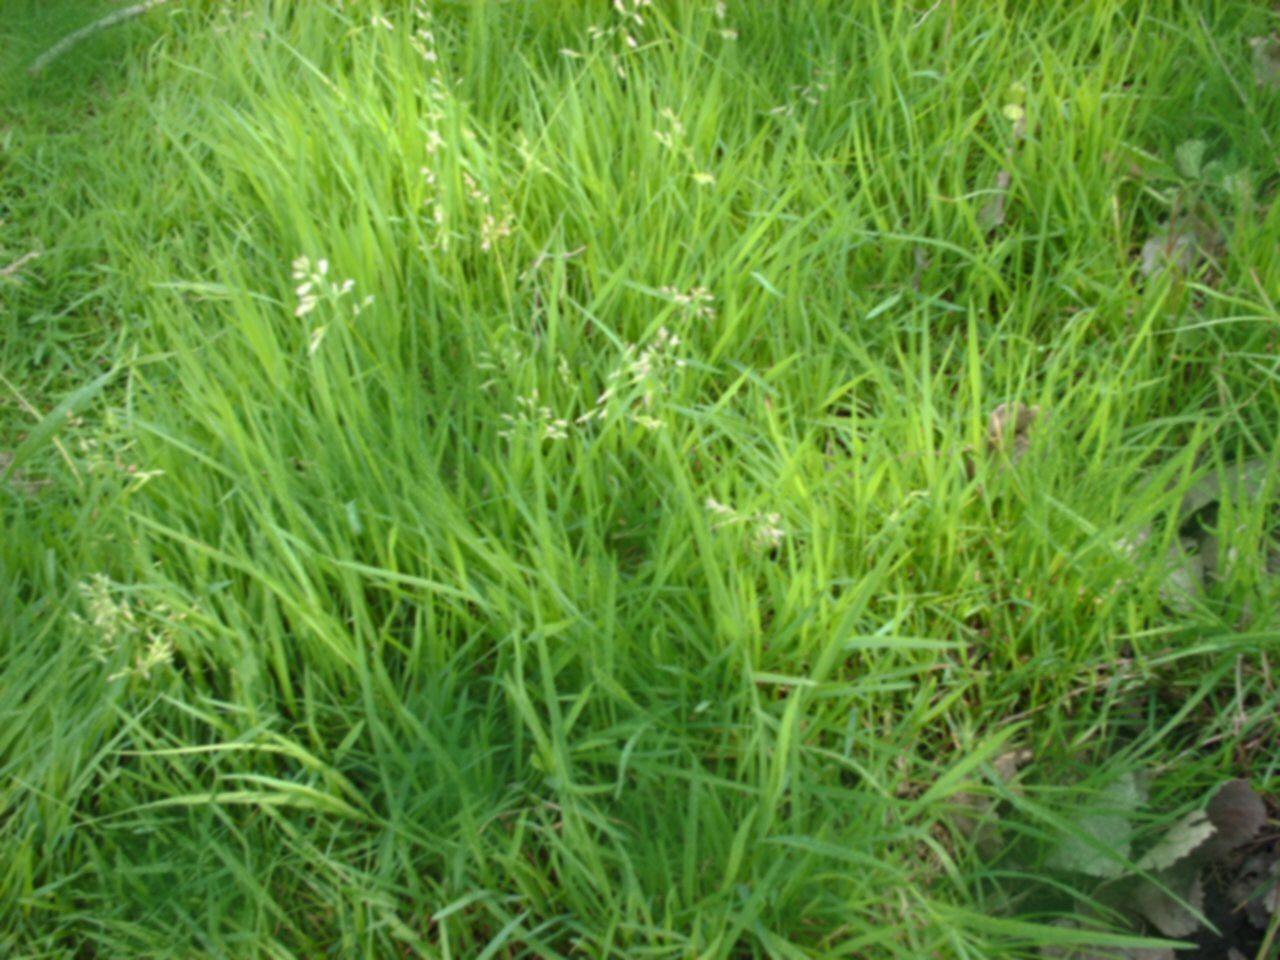 Grass no mow grass seed low maintenance grass lawn for Best low maintenance grass